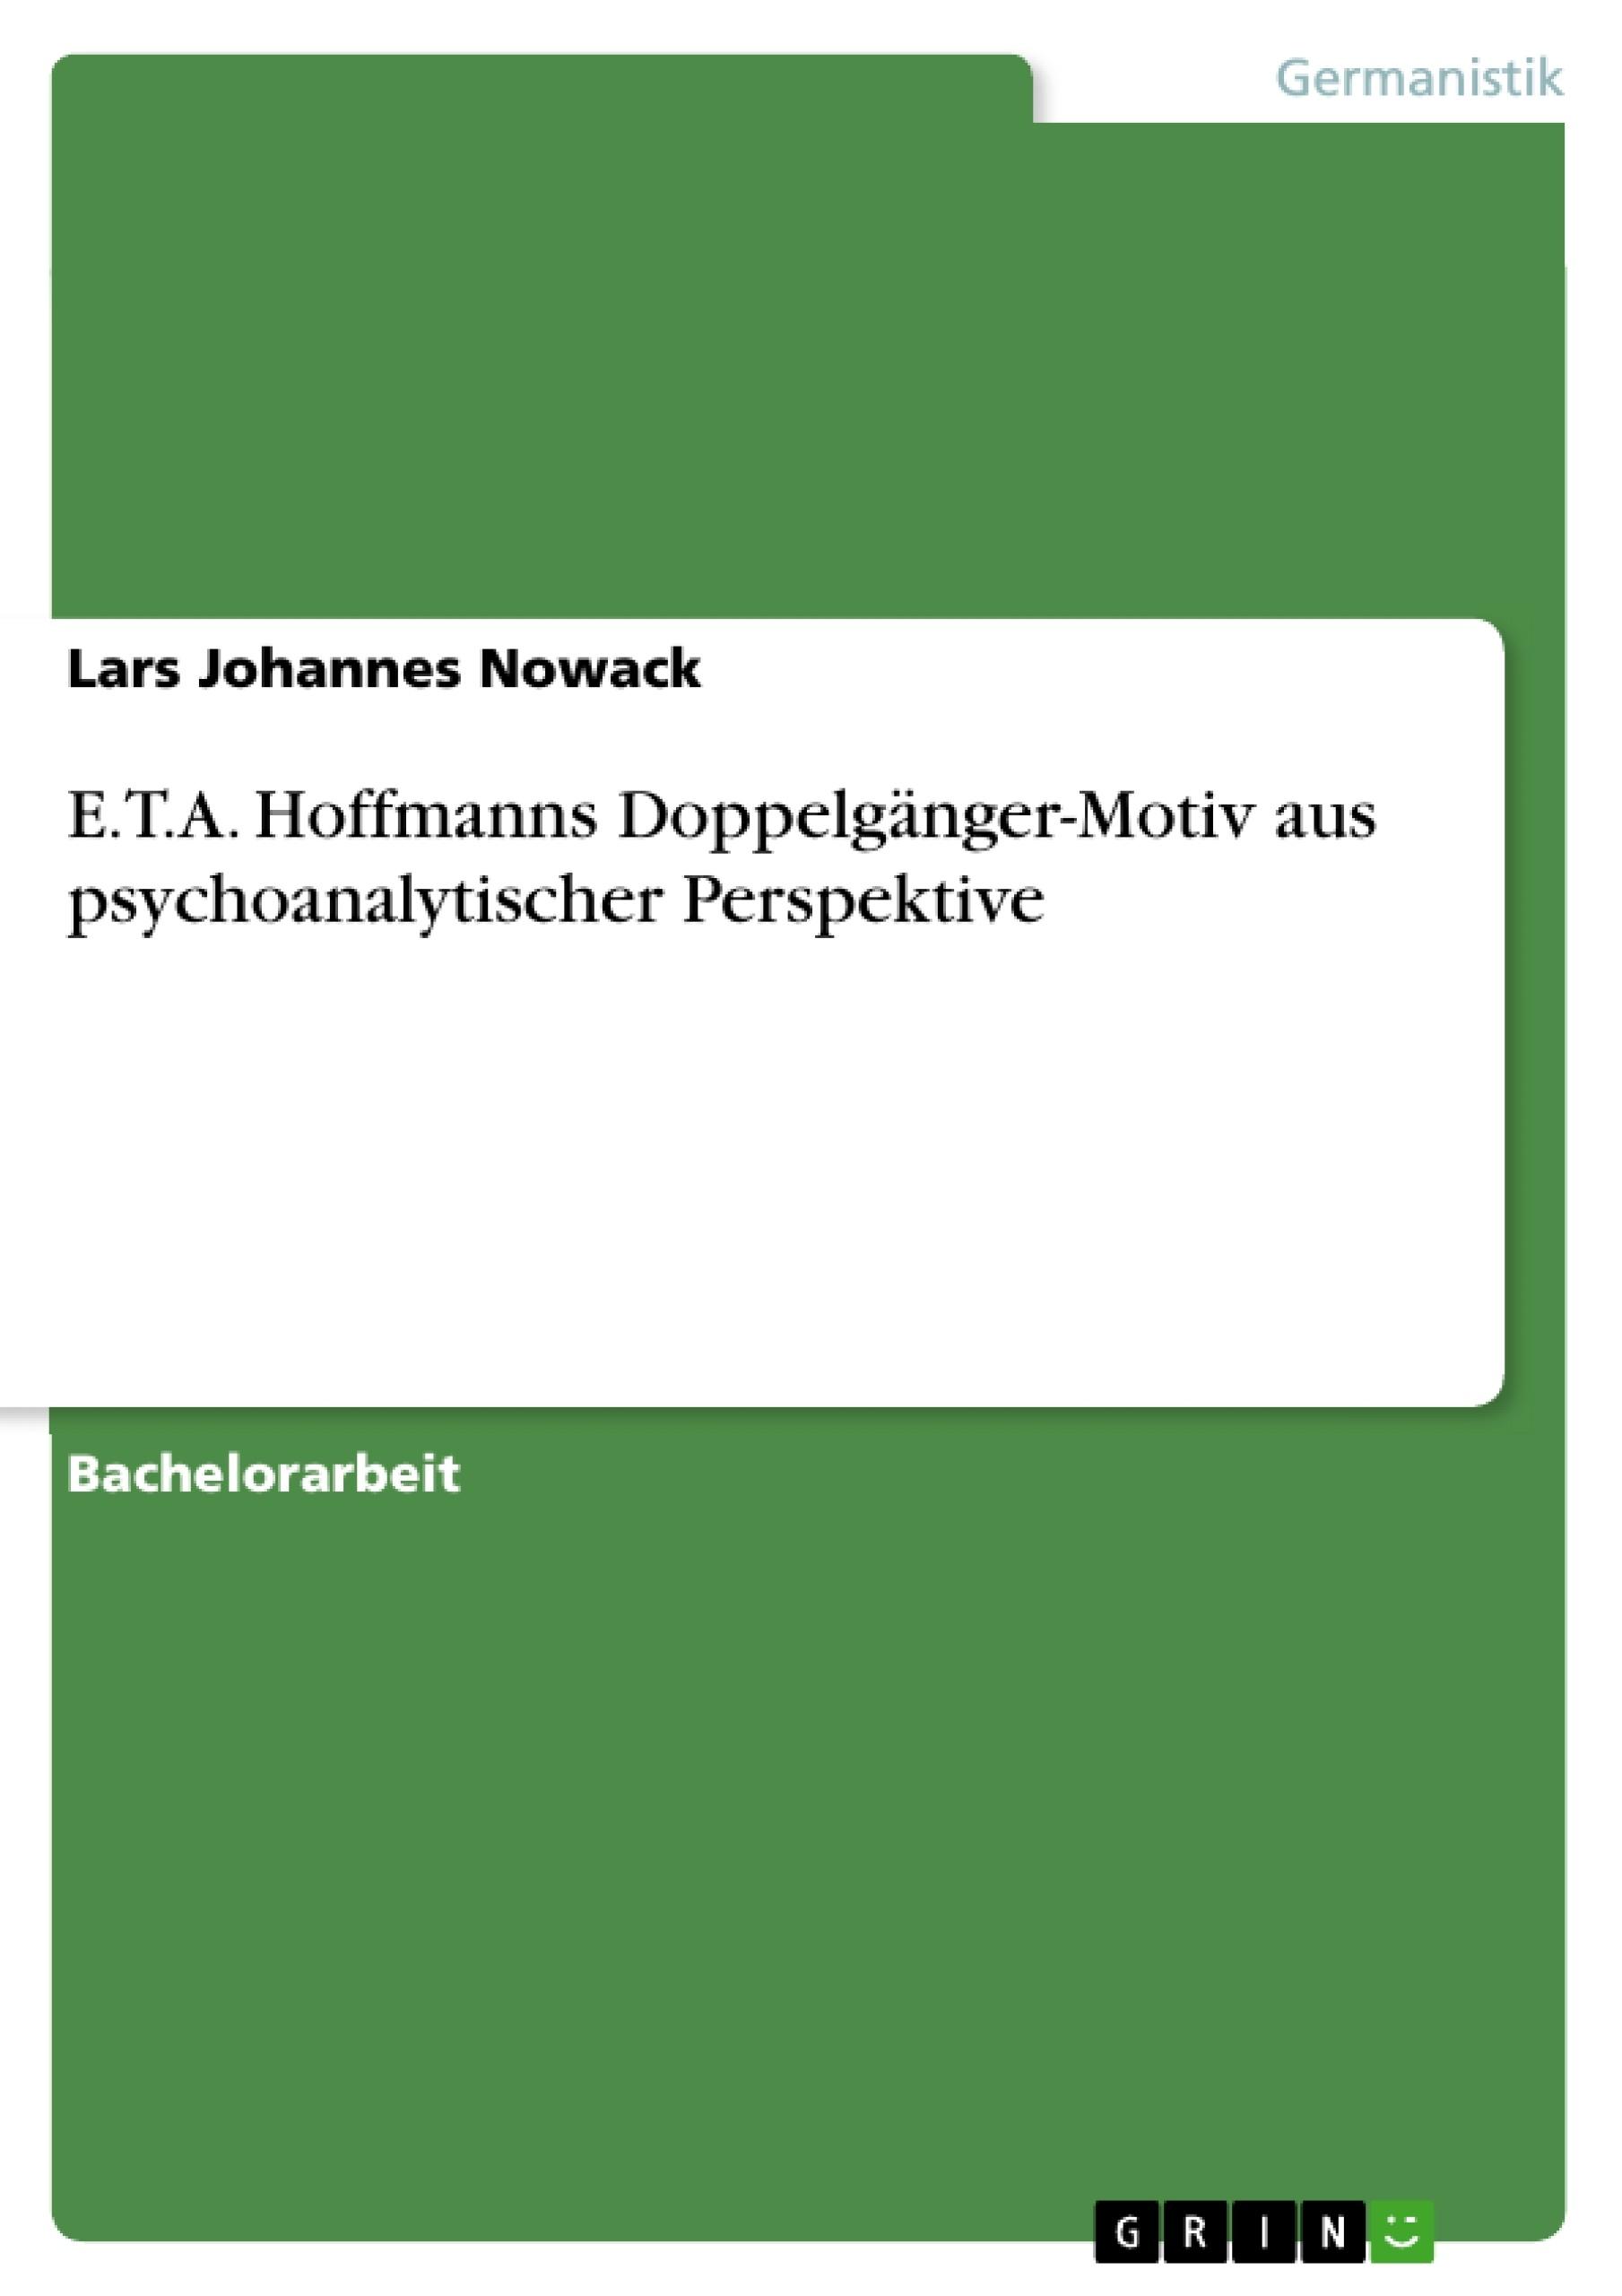 Titel: E.T.A. Hoffmanns Doppelgänger-Motiv aus psychoanalytischer Perspektive